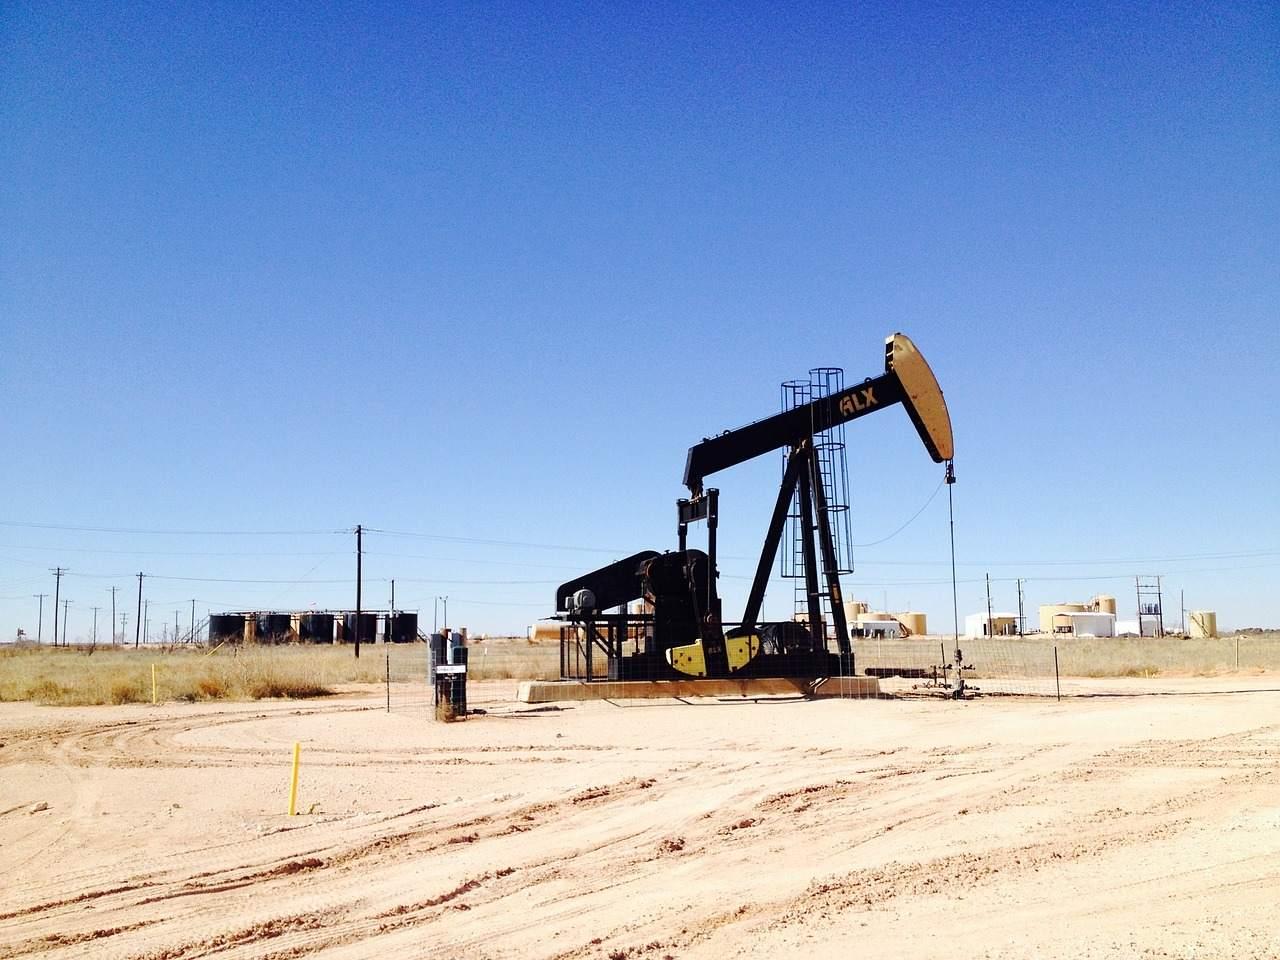 Öl-Pumpe - Ölpreis fällt